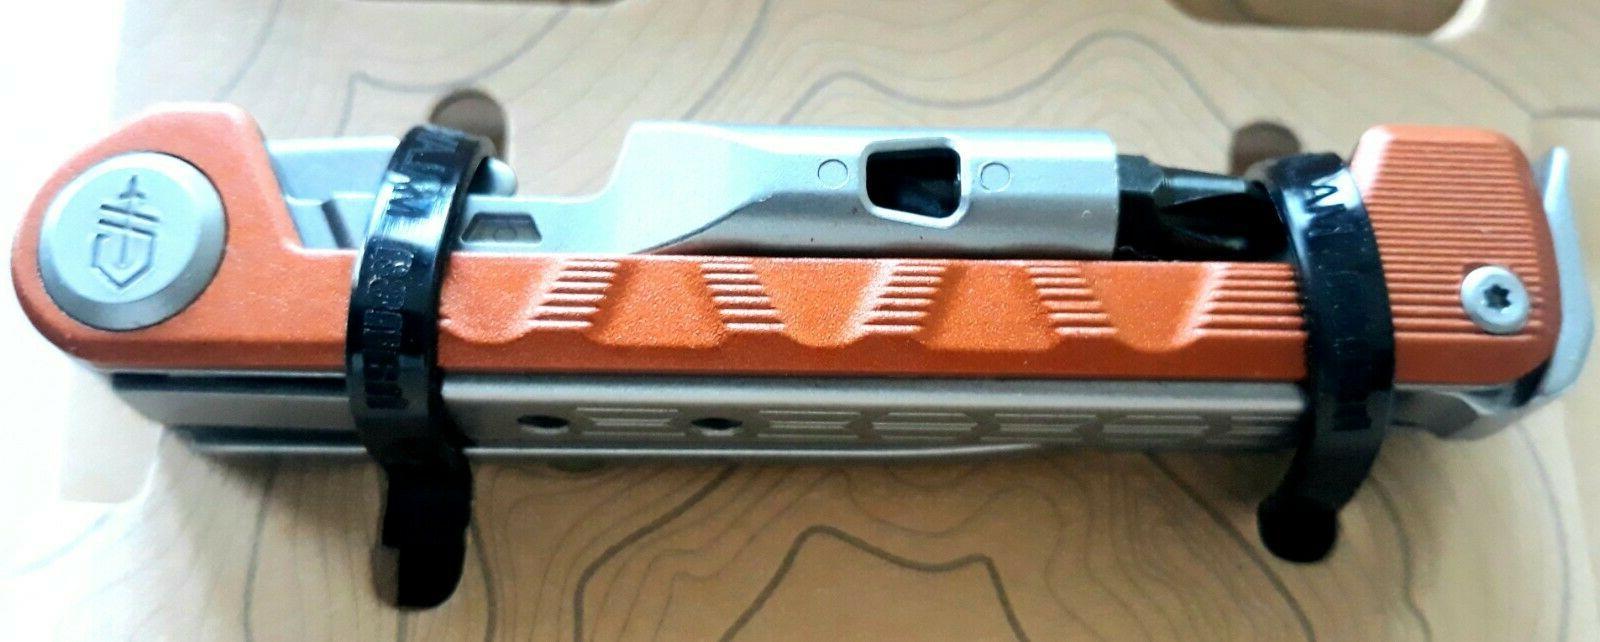 GERBER Armbar Folding Plain